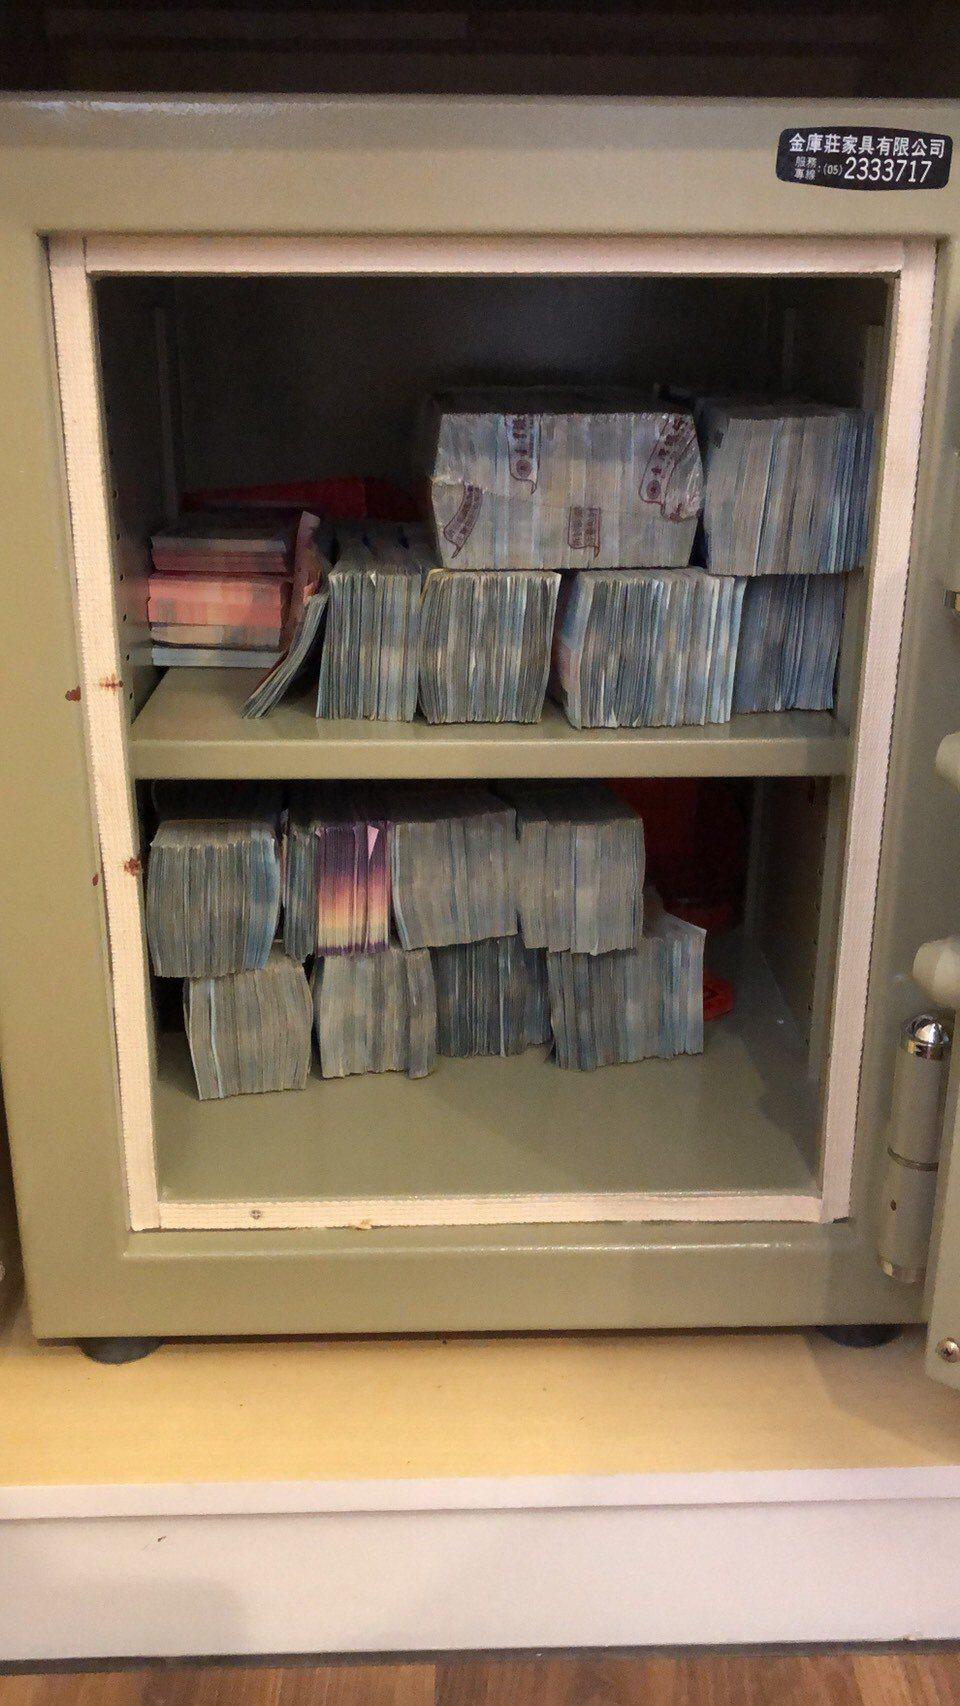 吳姓夫婦從事地下匯兌,賺錢手續謀利,嘉義地檢署昨天一舉偵破,查扣現金2.4億元。...